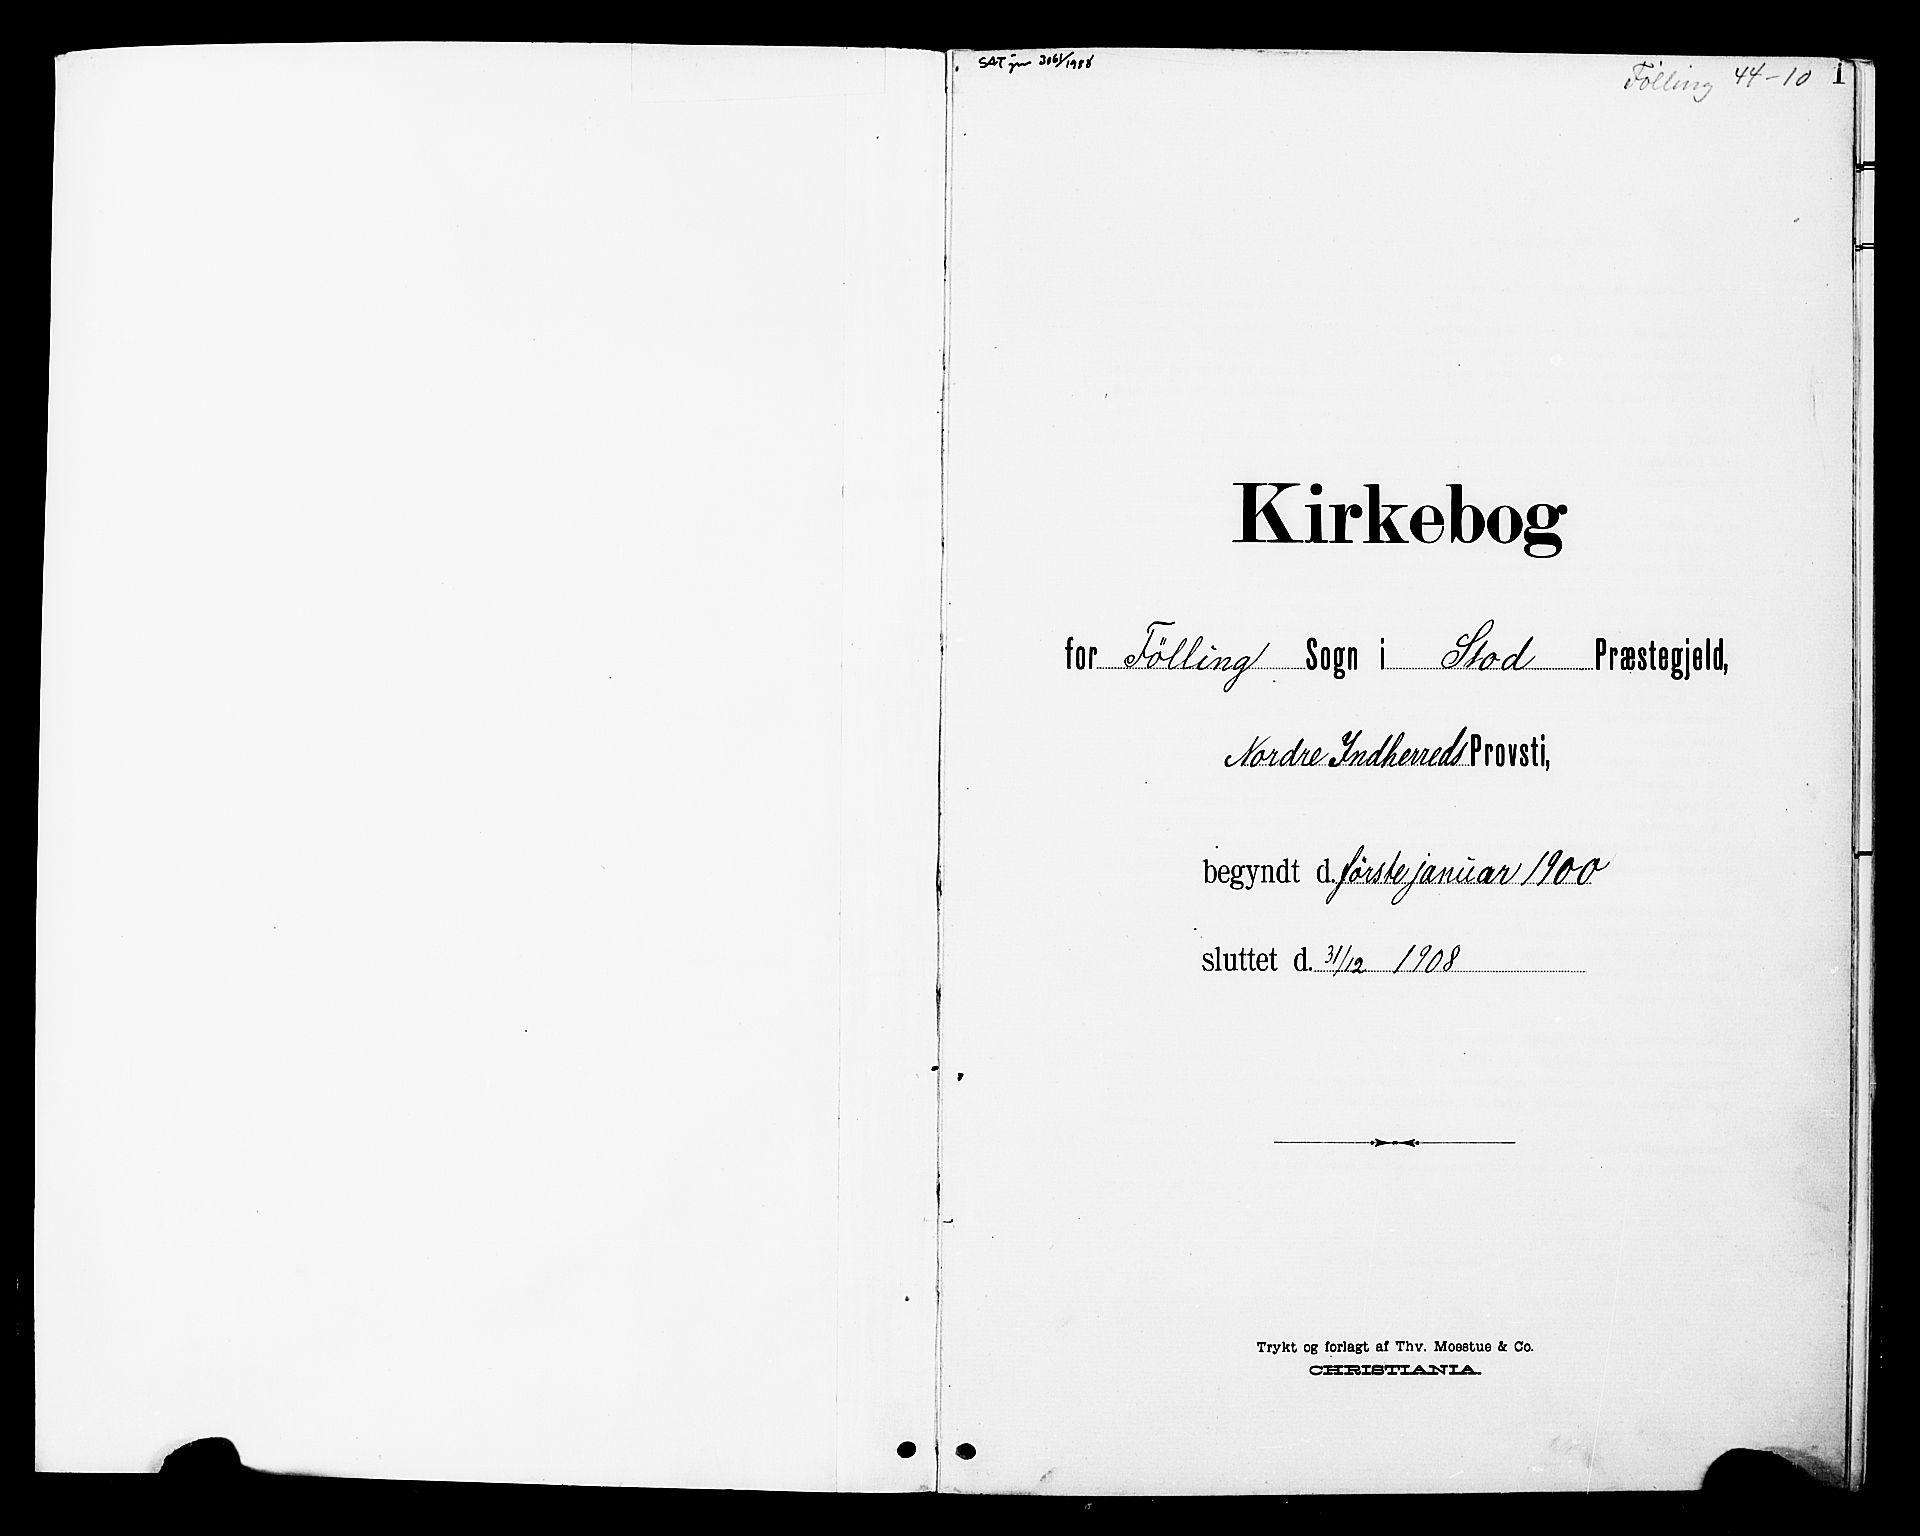 SAT, Ministerialprotokoller, klokkerbøker og fødselsregistre - Nord-Trøndelag, 748/L0464: Ministerialbok nr. 748A01, 1900-1908, s. 1